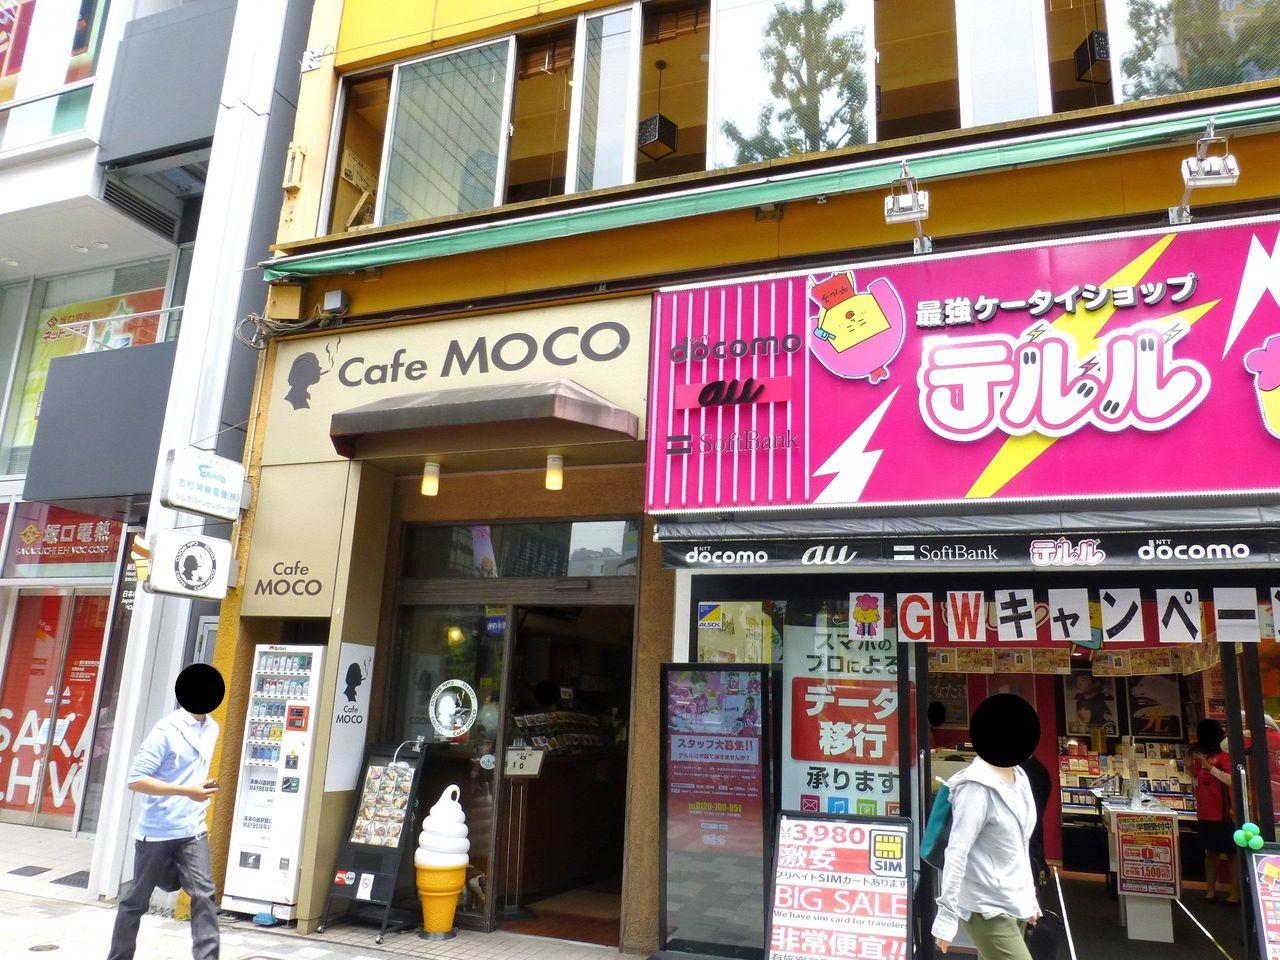 秋葉原のデカ盛り系カフェ「Cafe MOCO」